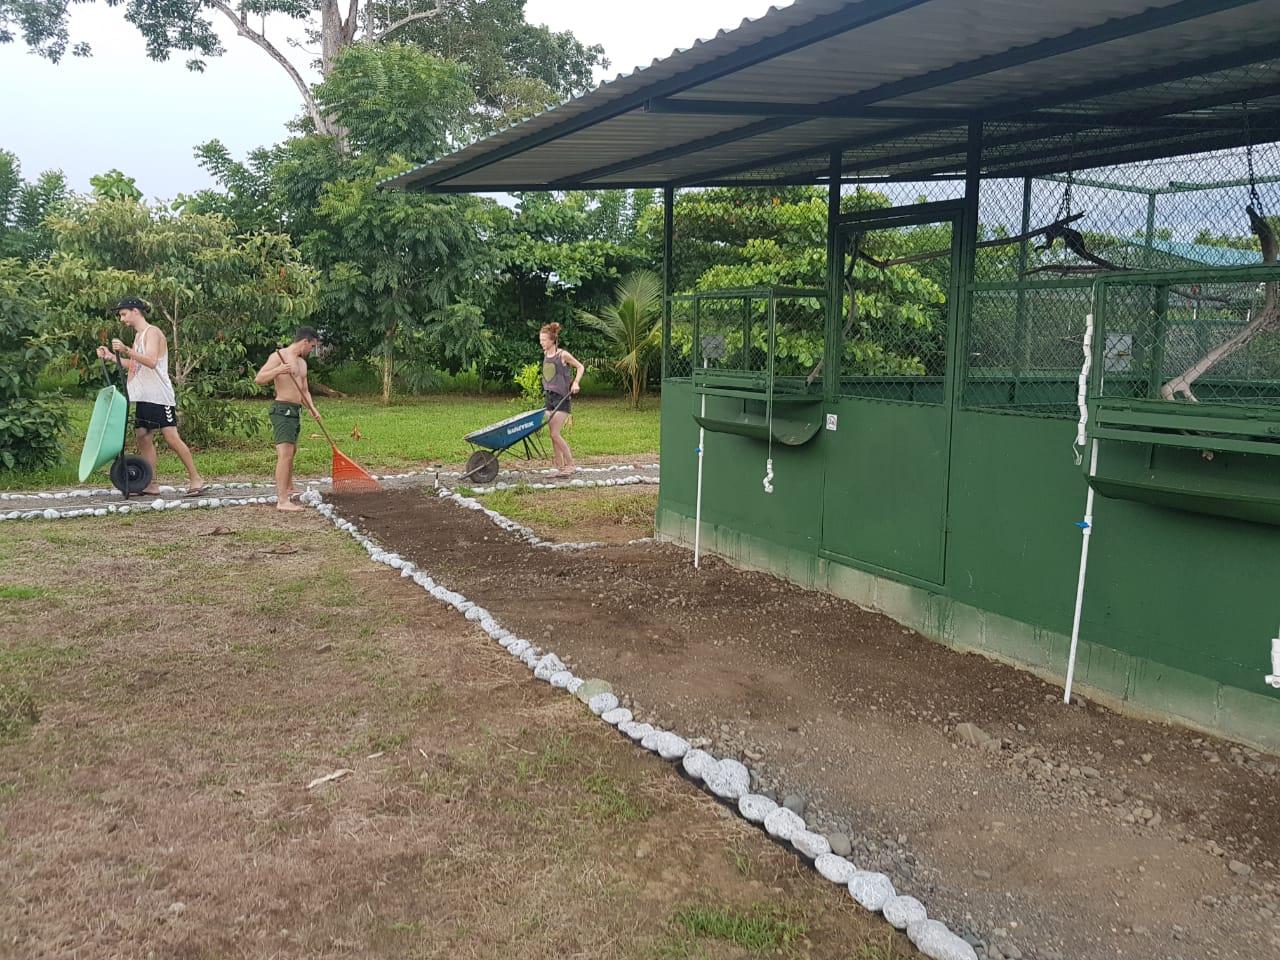 Volunteers help to build paths between the aviaries